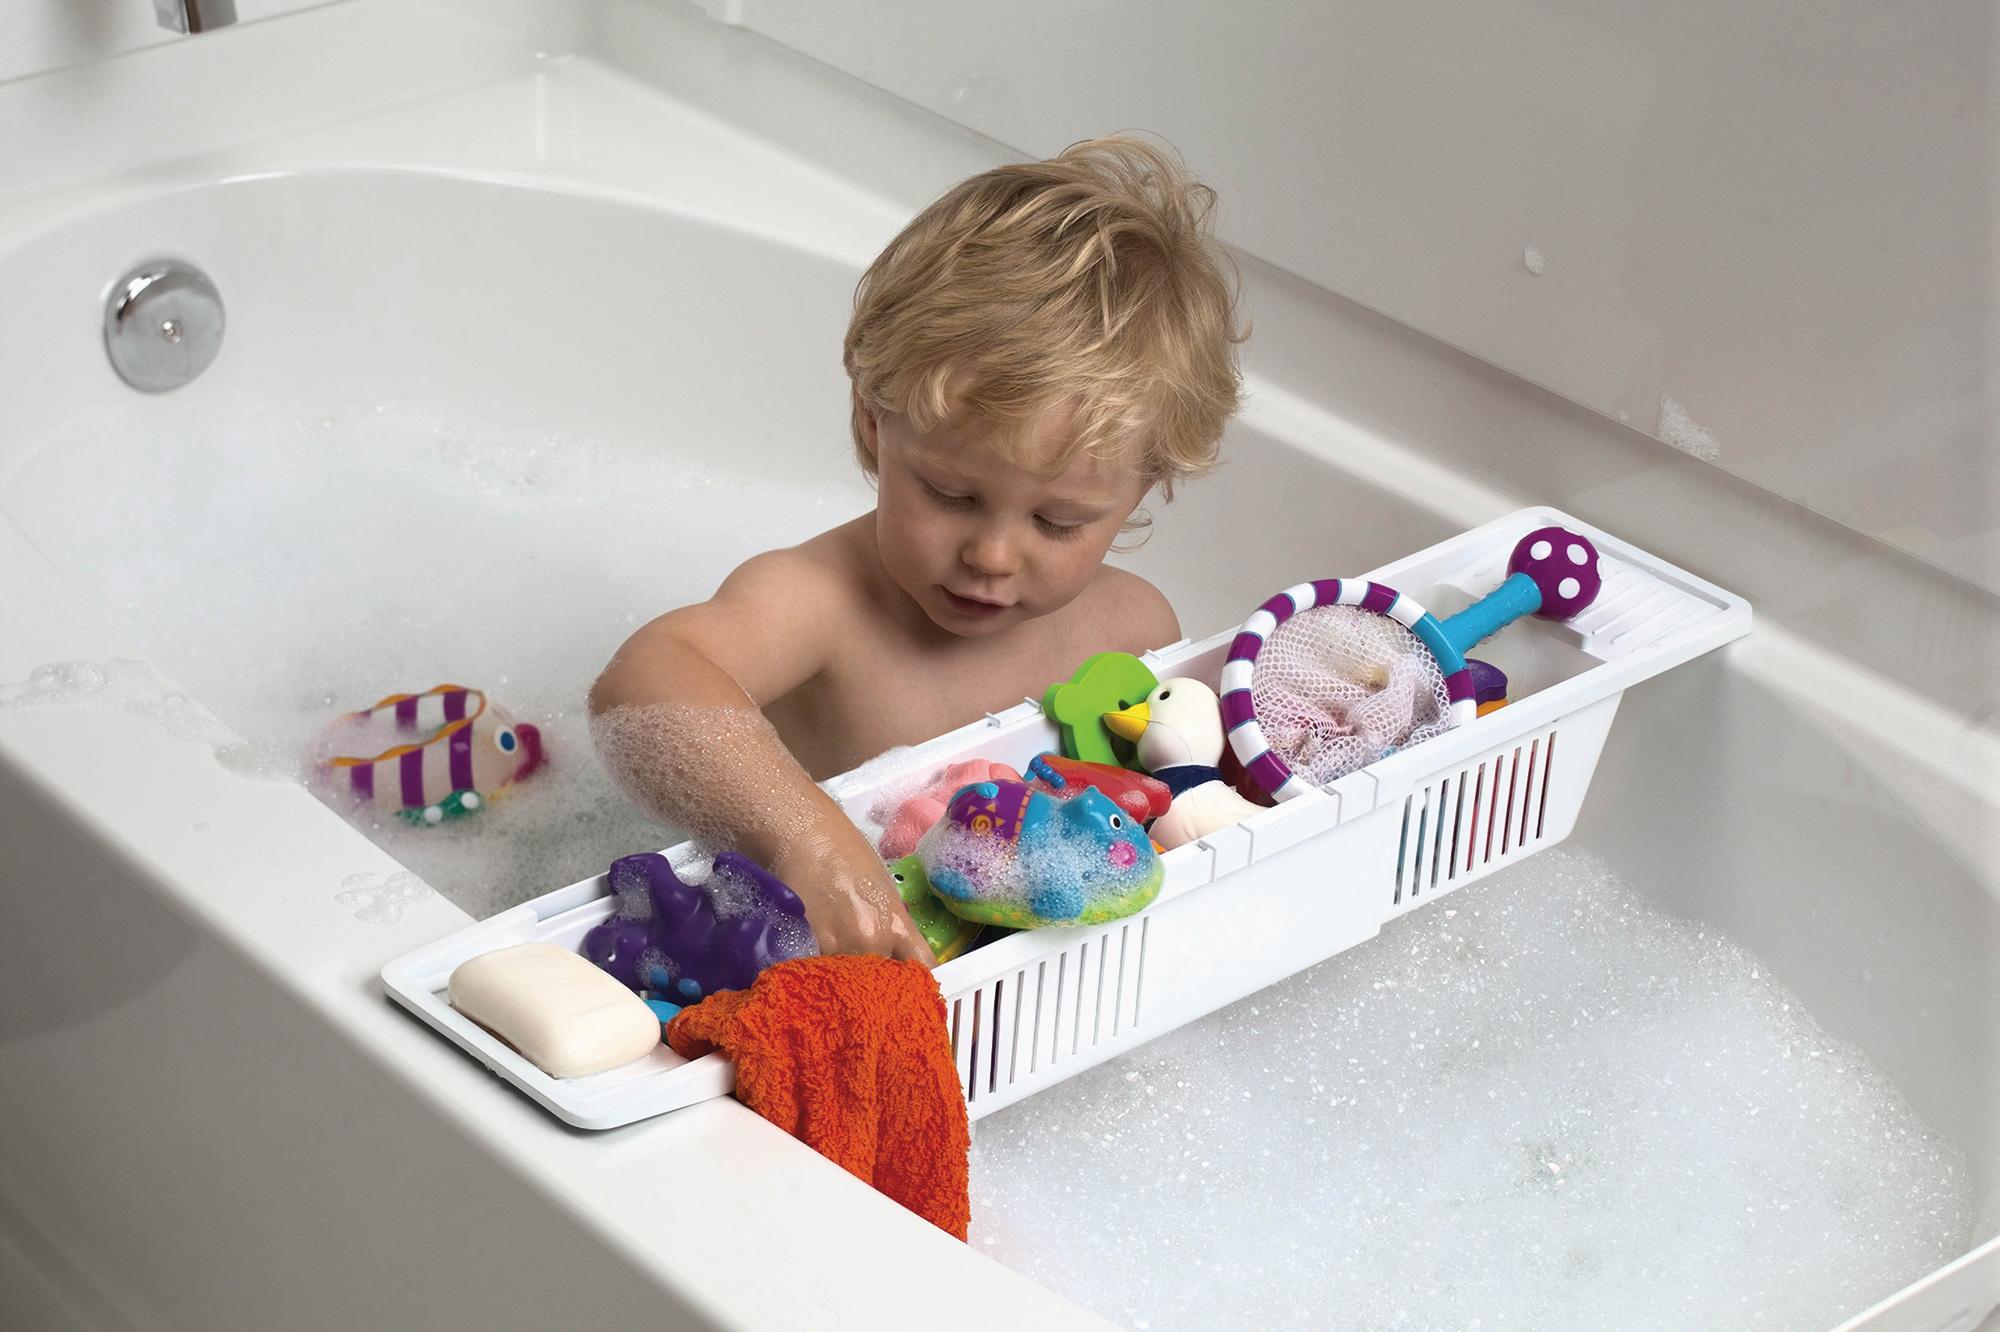 baby dan paniers jouets pour baignoire rangement salle de bain enfant neuf. Black Bedroom Furniture Sets. Home Design Ideas